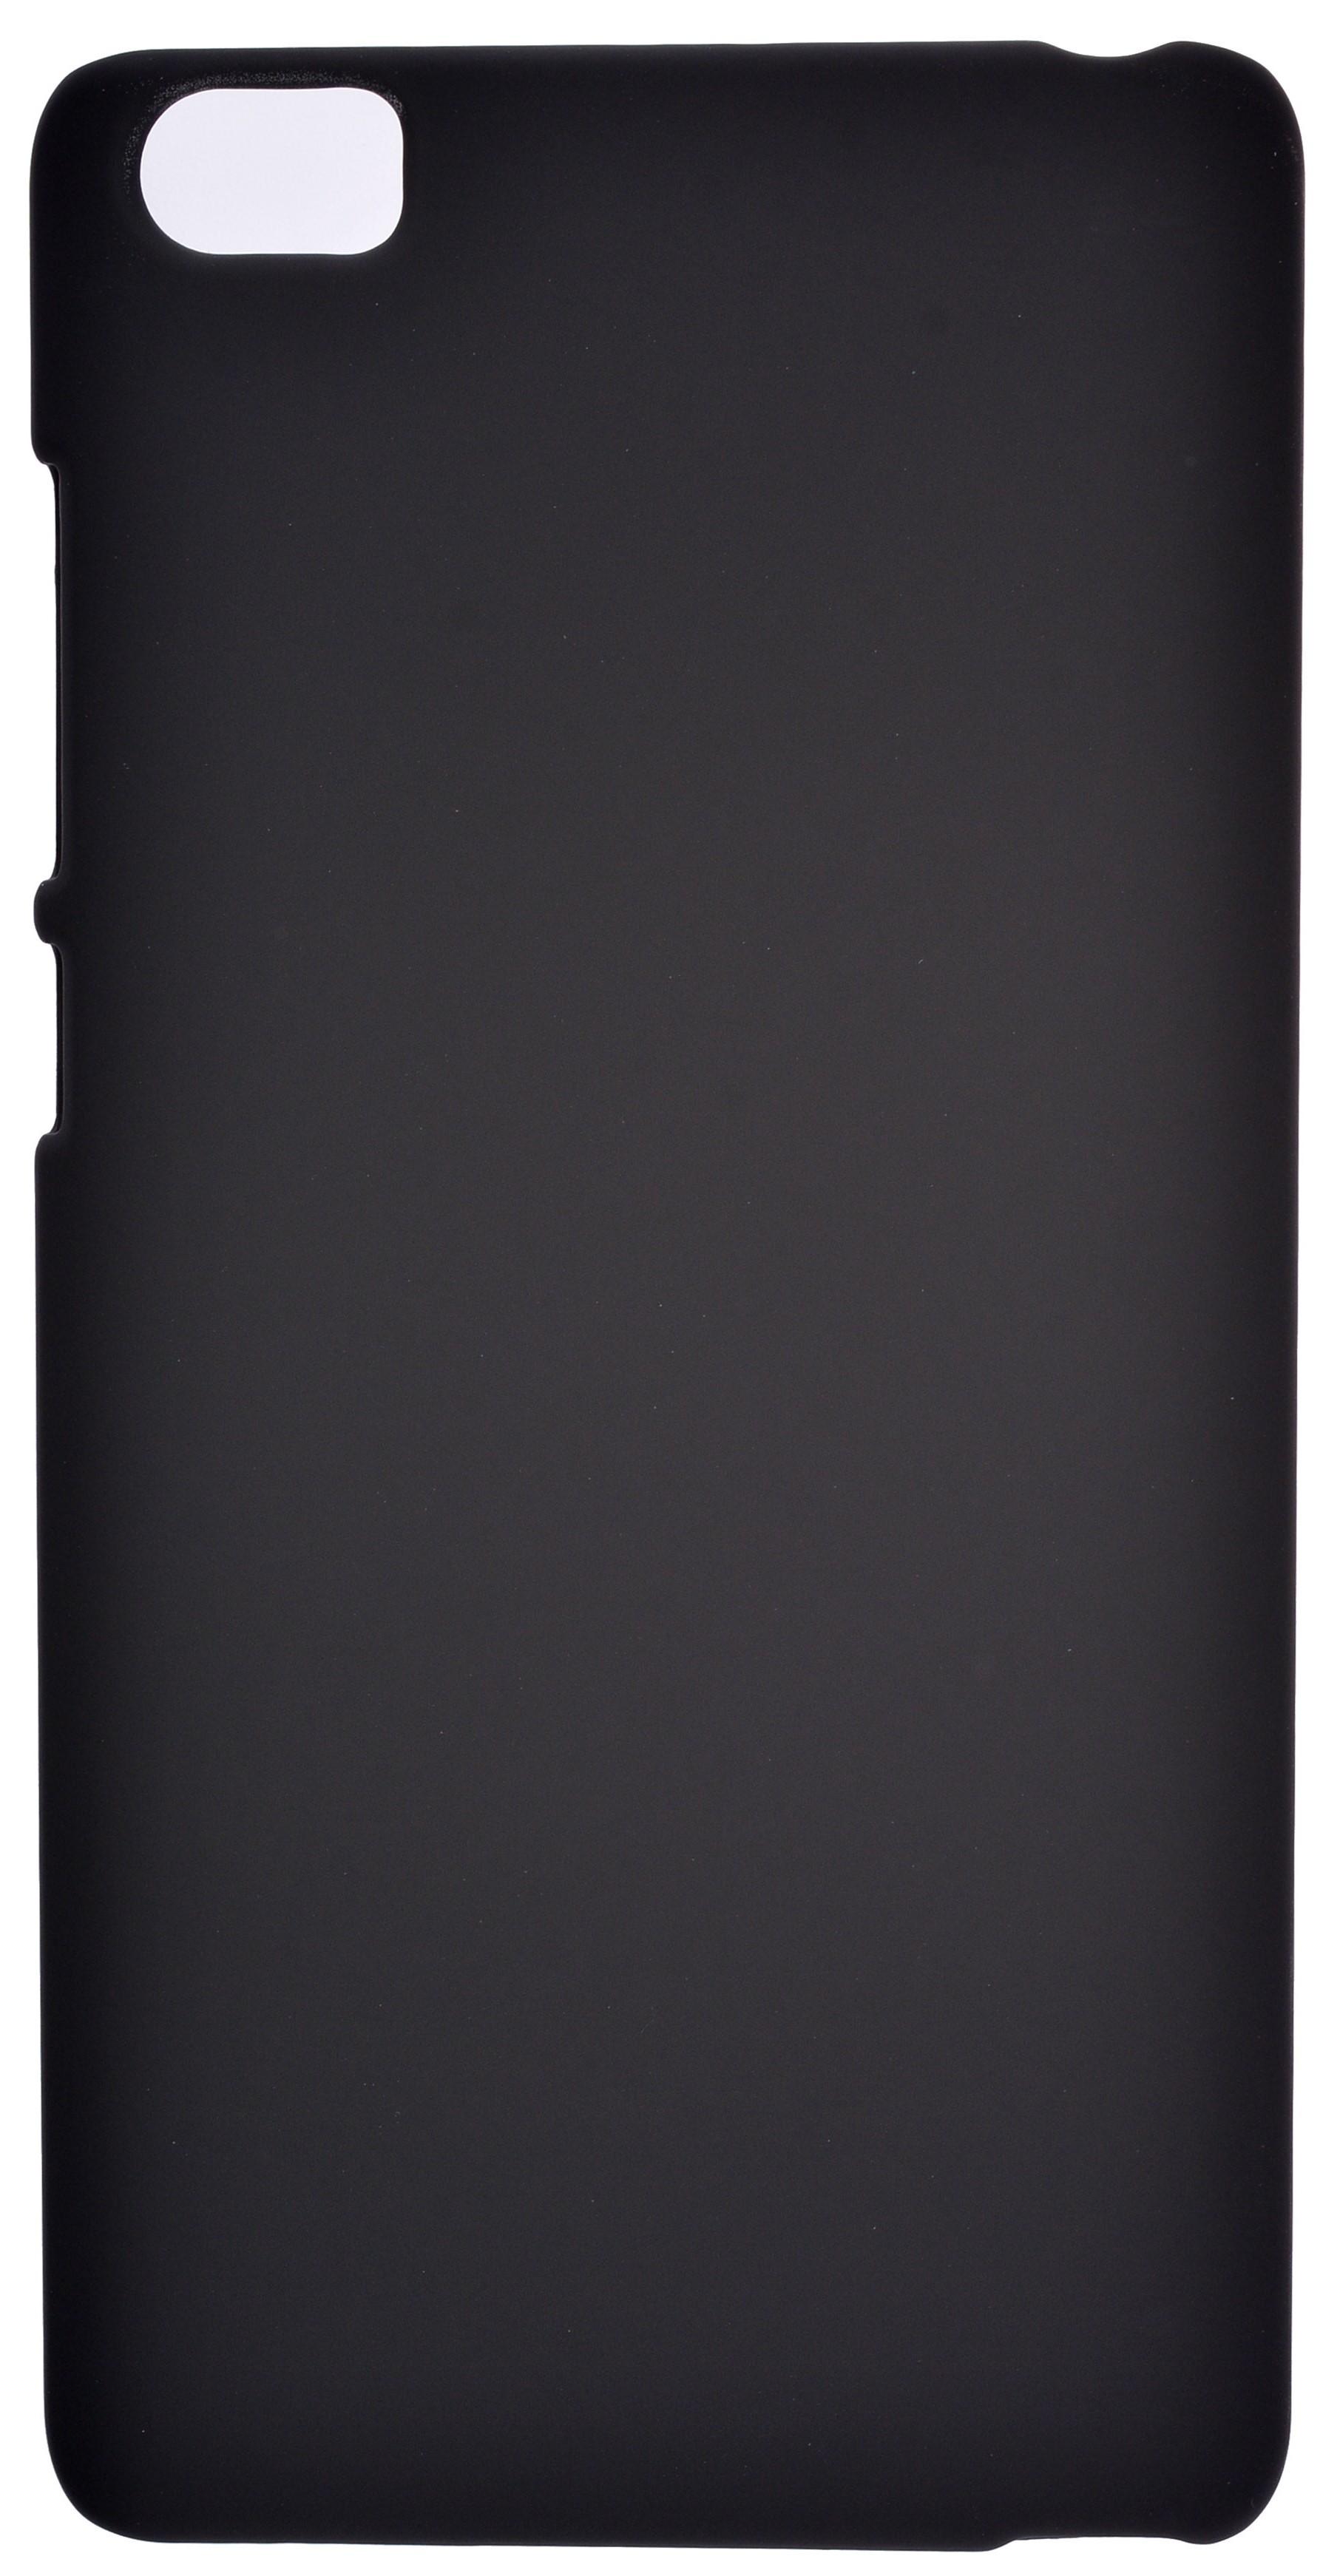 Фото - Чехол для сотового телефона skinBOX 4People, 4630042528406, черный чехол для сотового телефона skinbox 4people 4660041407501 черный